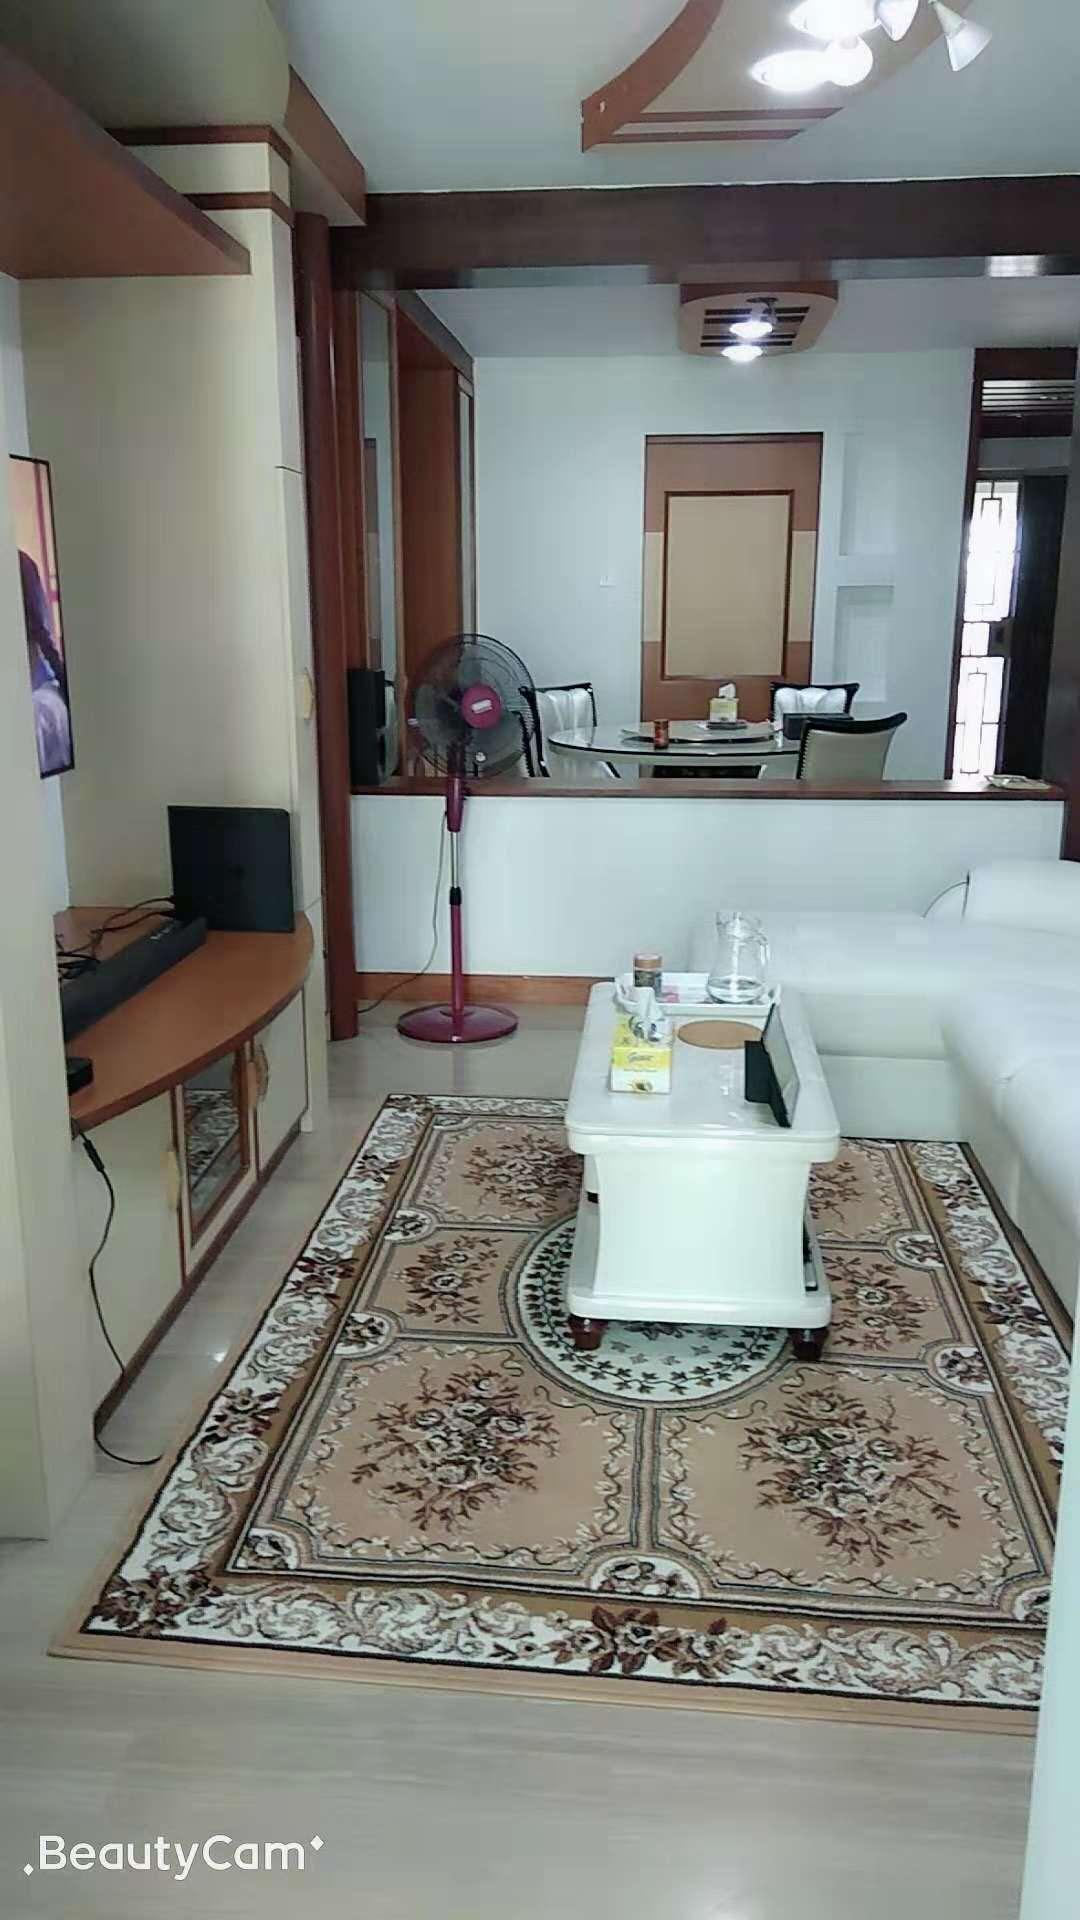 新加坡三巴旺房间出租,精美的客厅地毯照片